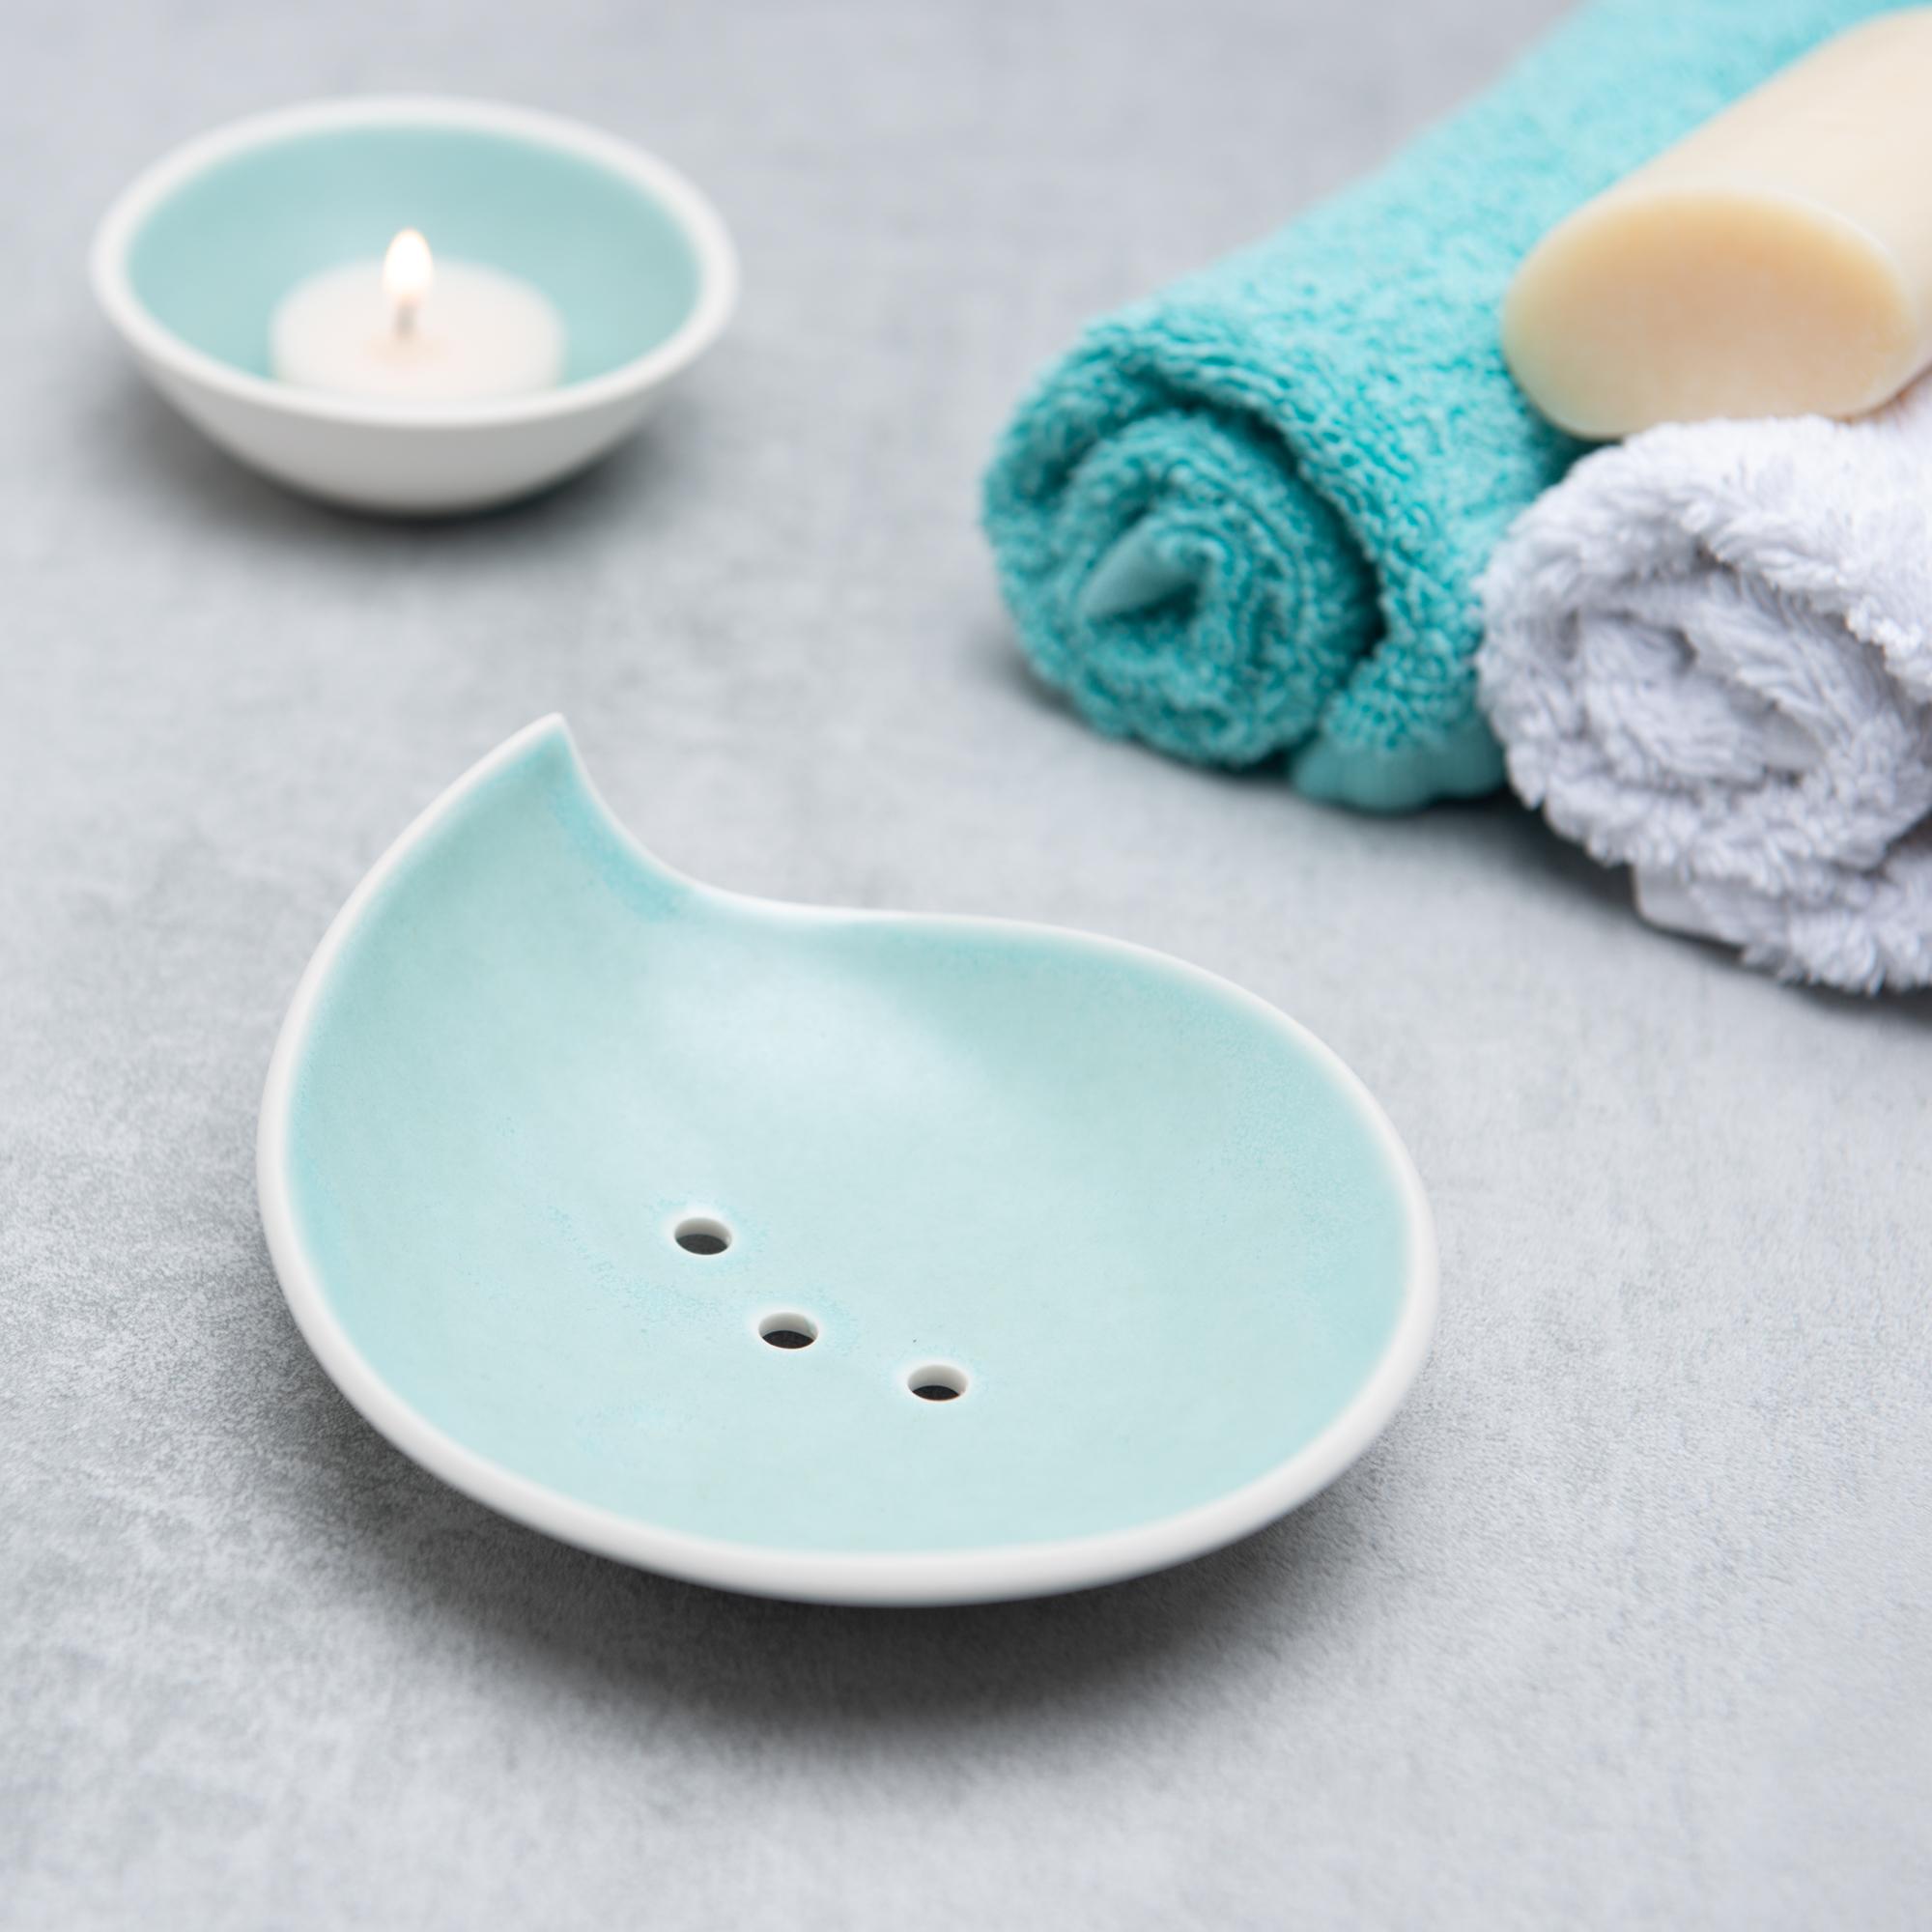 Pianca Ceramics - ceramic soap dish handmade - handmade soap holder - porcelain soap holder - best soap dish for handmade soap - ceramic soap - soap holder ceramic - handmade pottery soap dishes - soap dish handmade